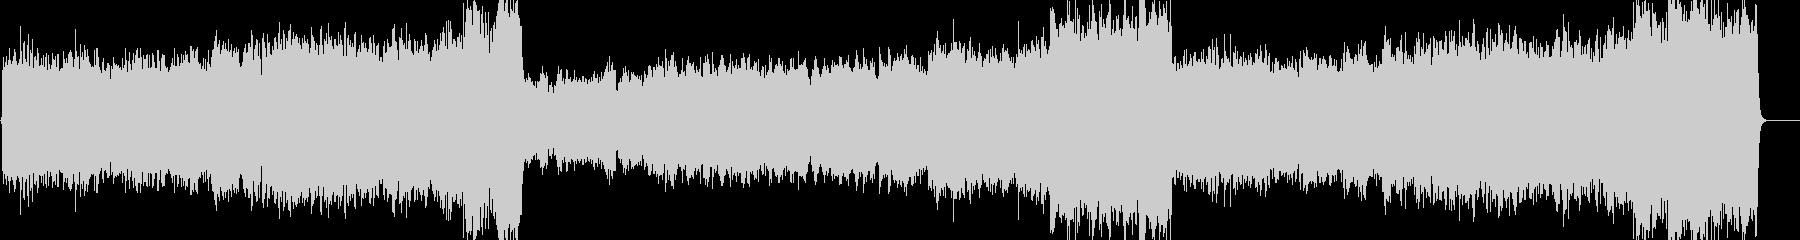 パイプオルガンを主とした感動的なBGMの未再生の波形